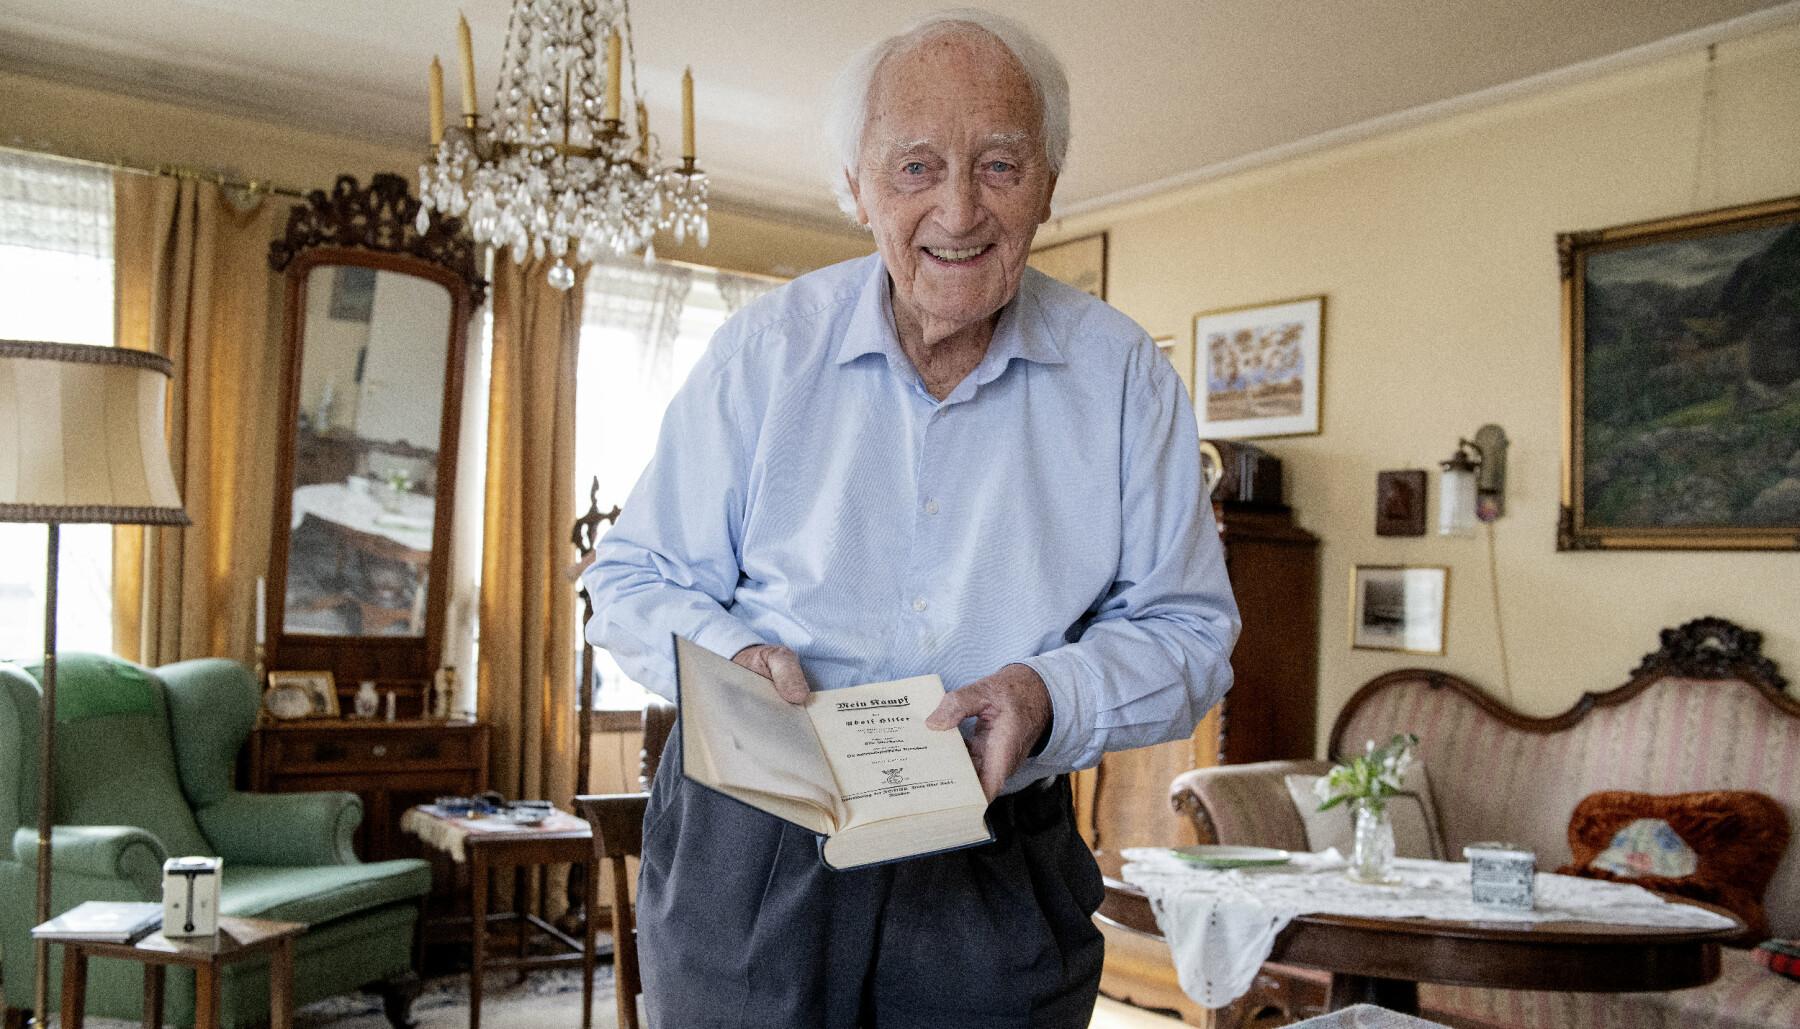 ENGASJERT: Rathke er tidligere politiker og opptatt av at ekstreme holdninger må bekjempes. Her viser han fram sitt eksemplar av Hitlers Mein Kapmf, som han mener er en av verdens tre viktigste bøker, sammen med bibelen og koranen.